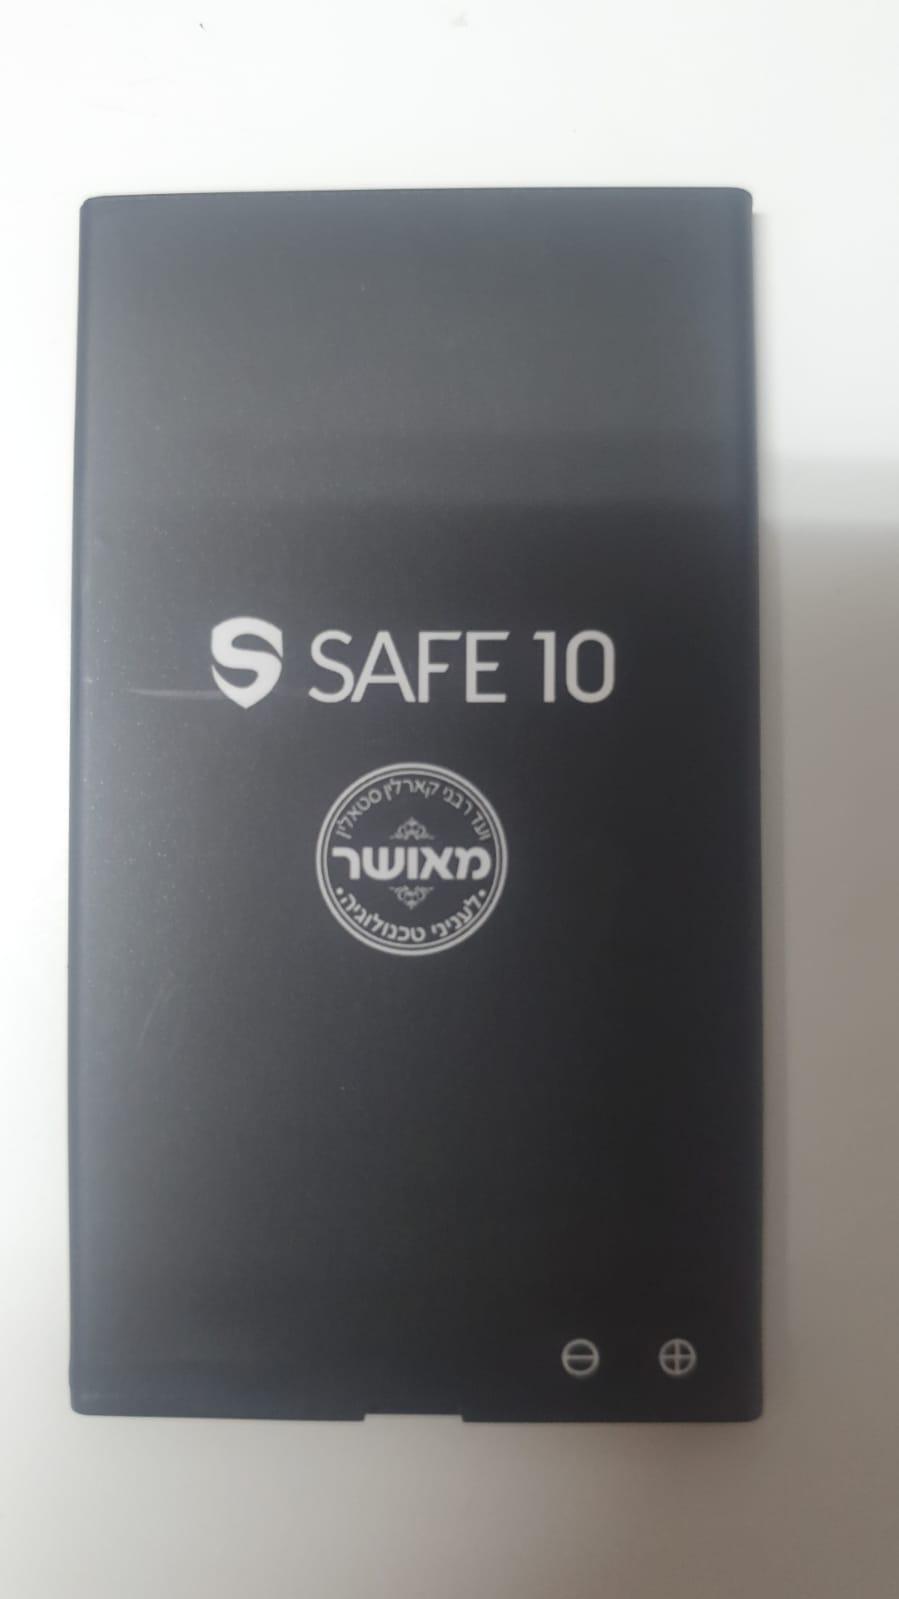 סוללה לפלאפון ניופון / סייפ 10 NEWPHONE מקורי משלוח חינם